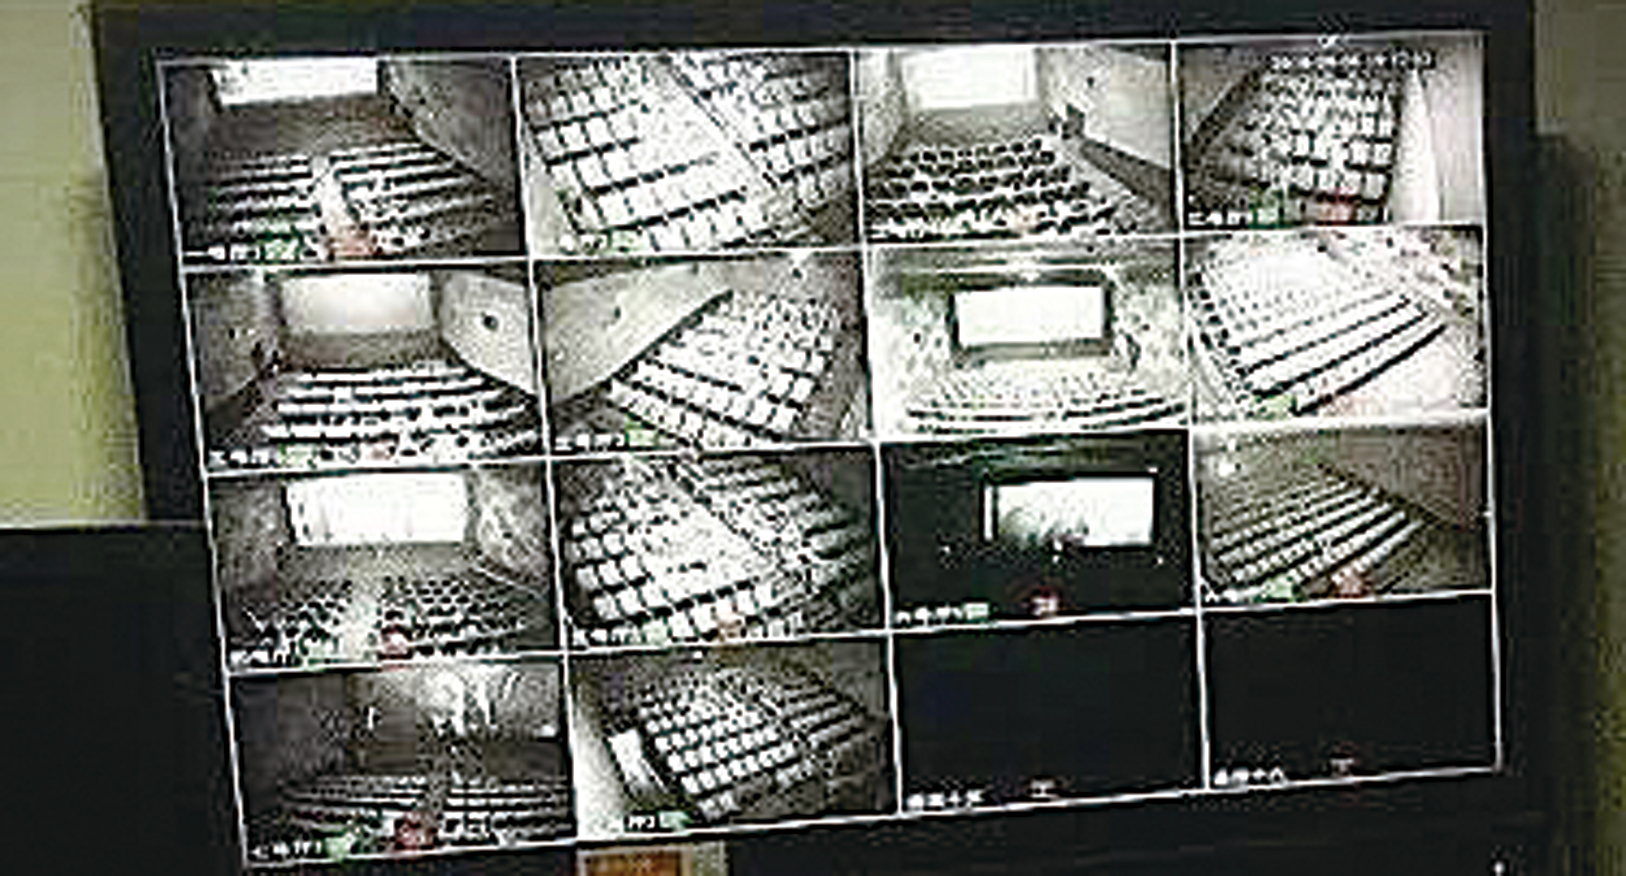 近日,有網民披露,全國電影院內的觀眾均成為中共監視對象,警方可以在數千公里外,透過監控系統,對觀眾的行動一目了然。圖為監控畫面。(網絡圖片)